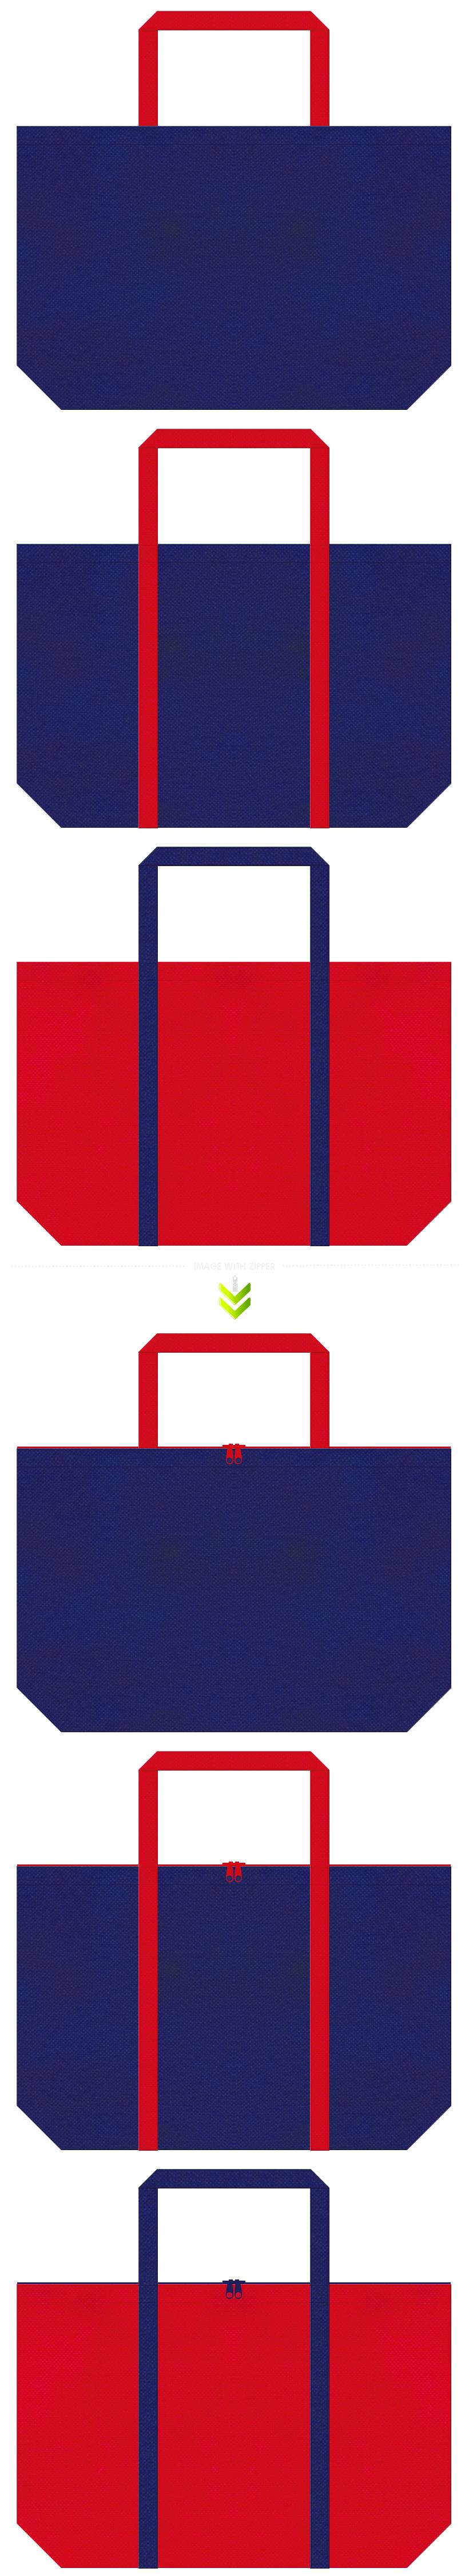 夏祭り・縁日・法被・花火大会・金魚すくい・サマーイベントにお奨めの不織布バッグデザイン:明るい紺色と紅色のコーデ